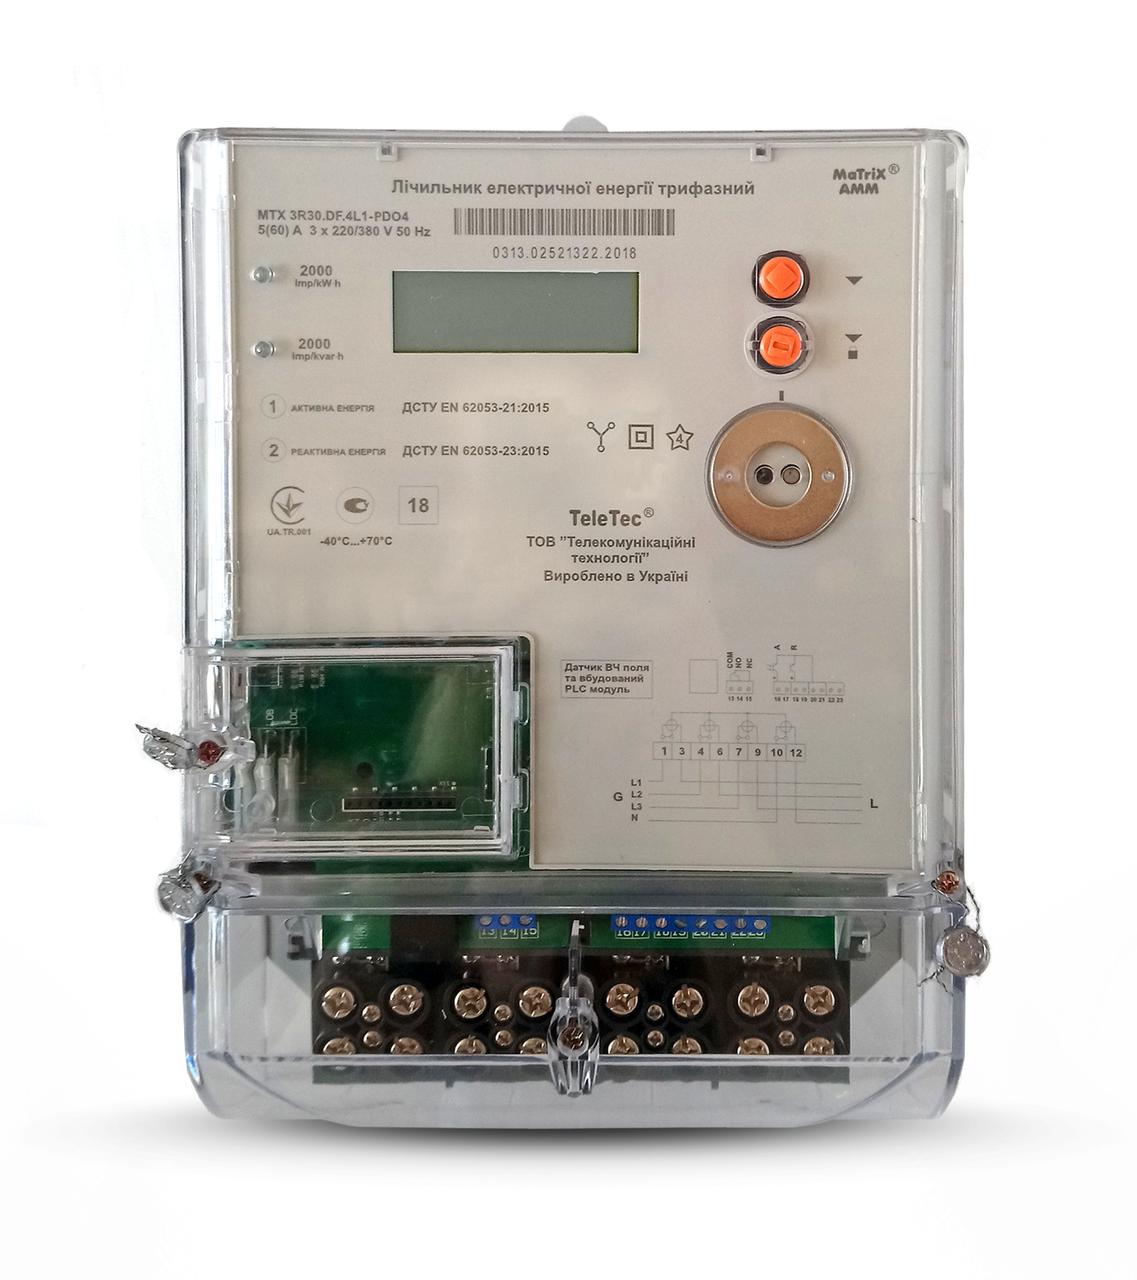 Электросчетчик MTX 3R30.DF.4L1-PDO4 PLS- модемом трехфазный многотарифный